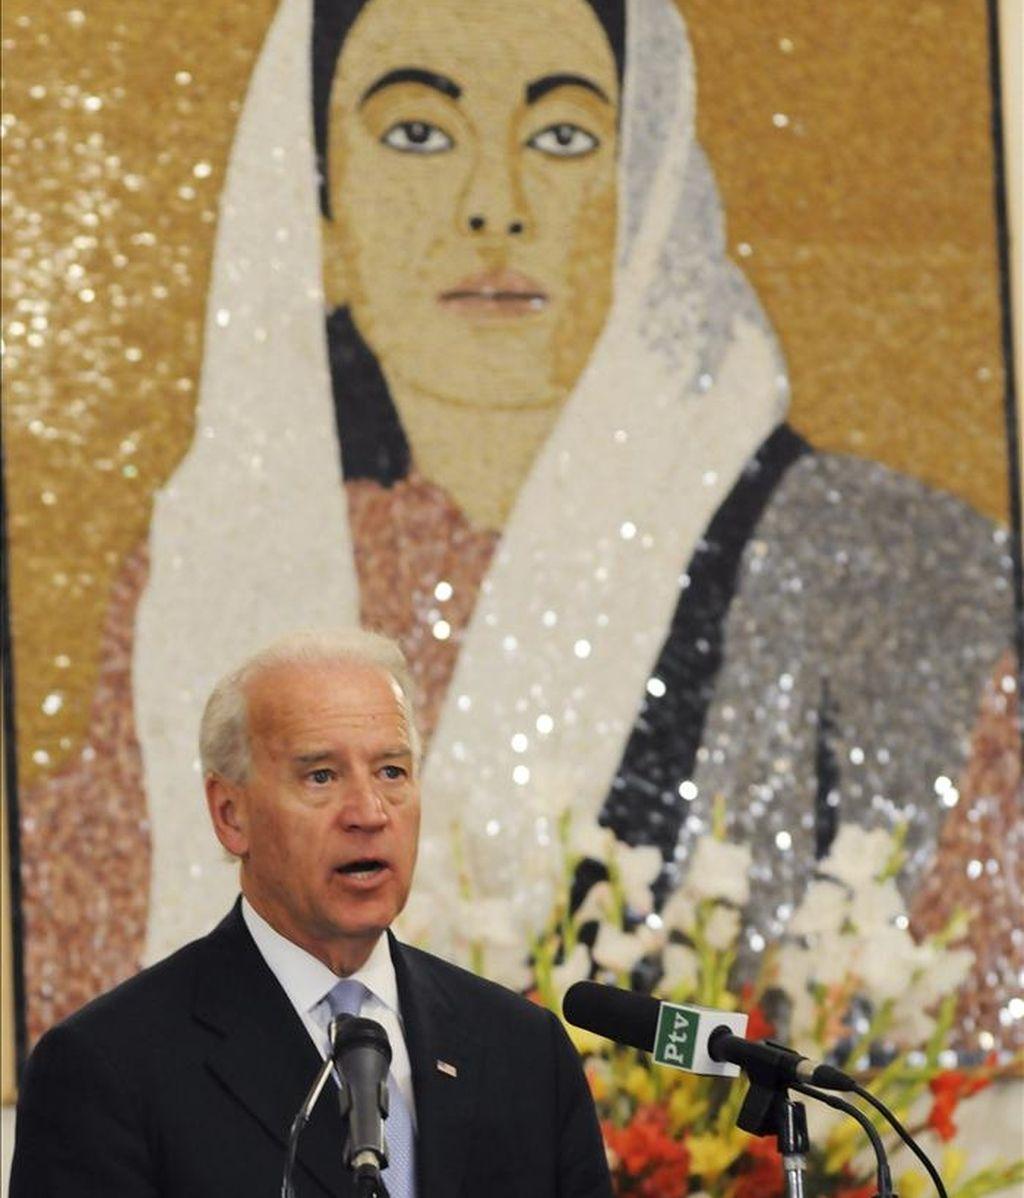 El vicepresidente estadounidense, Joe Biden, interviene durante una conferencia de prensa, en Islamabad, Pakistán. EFE